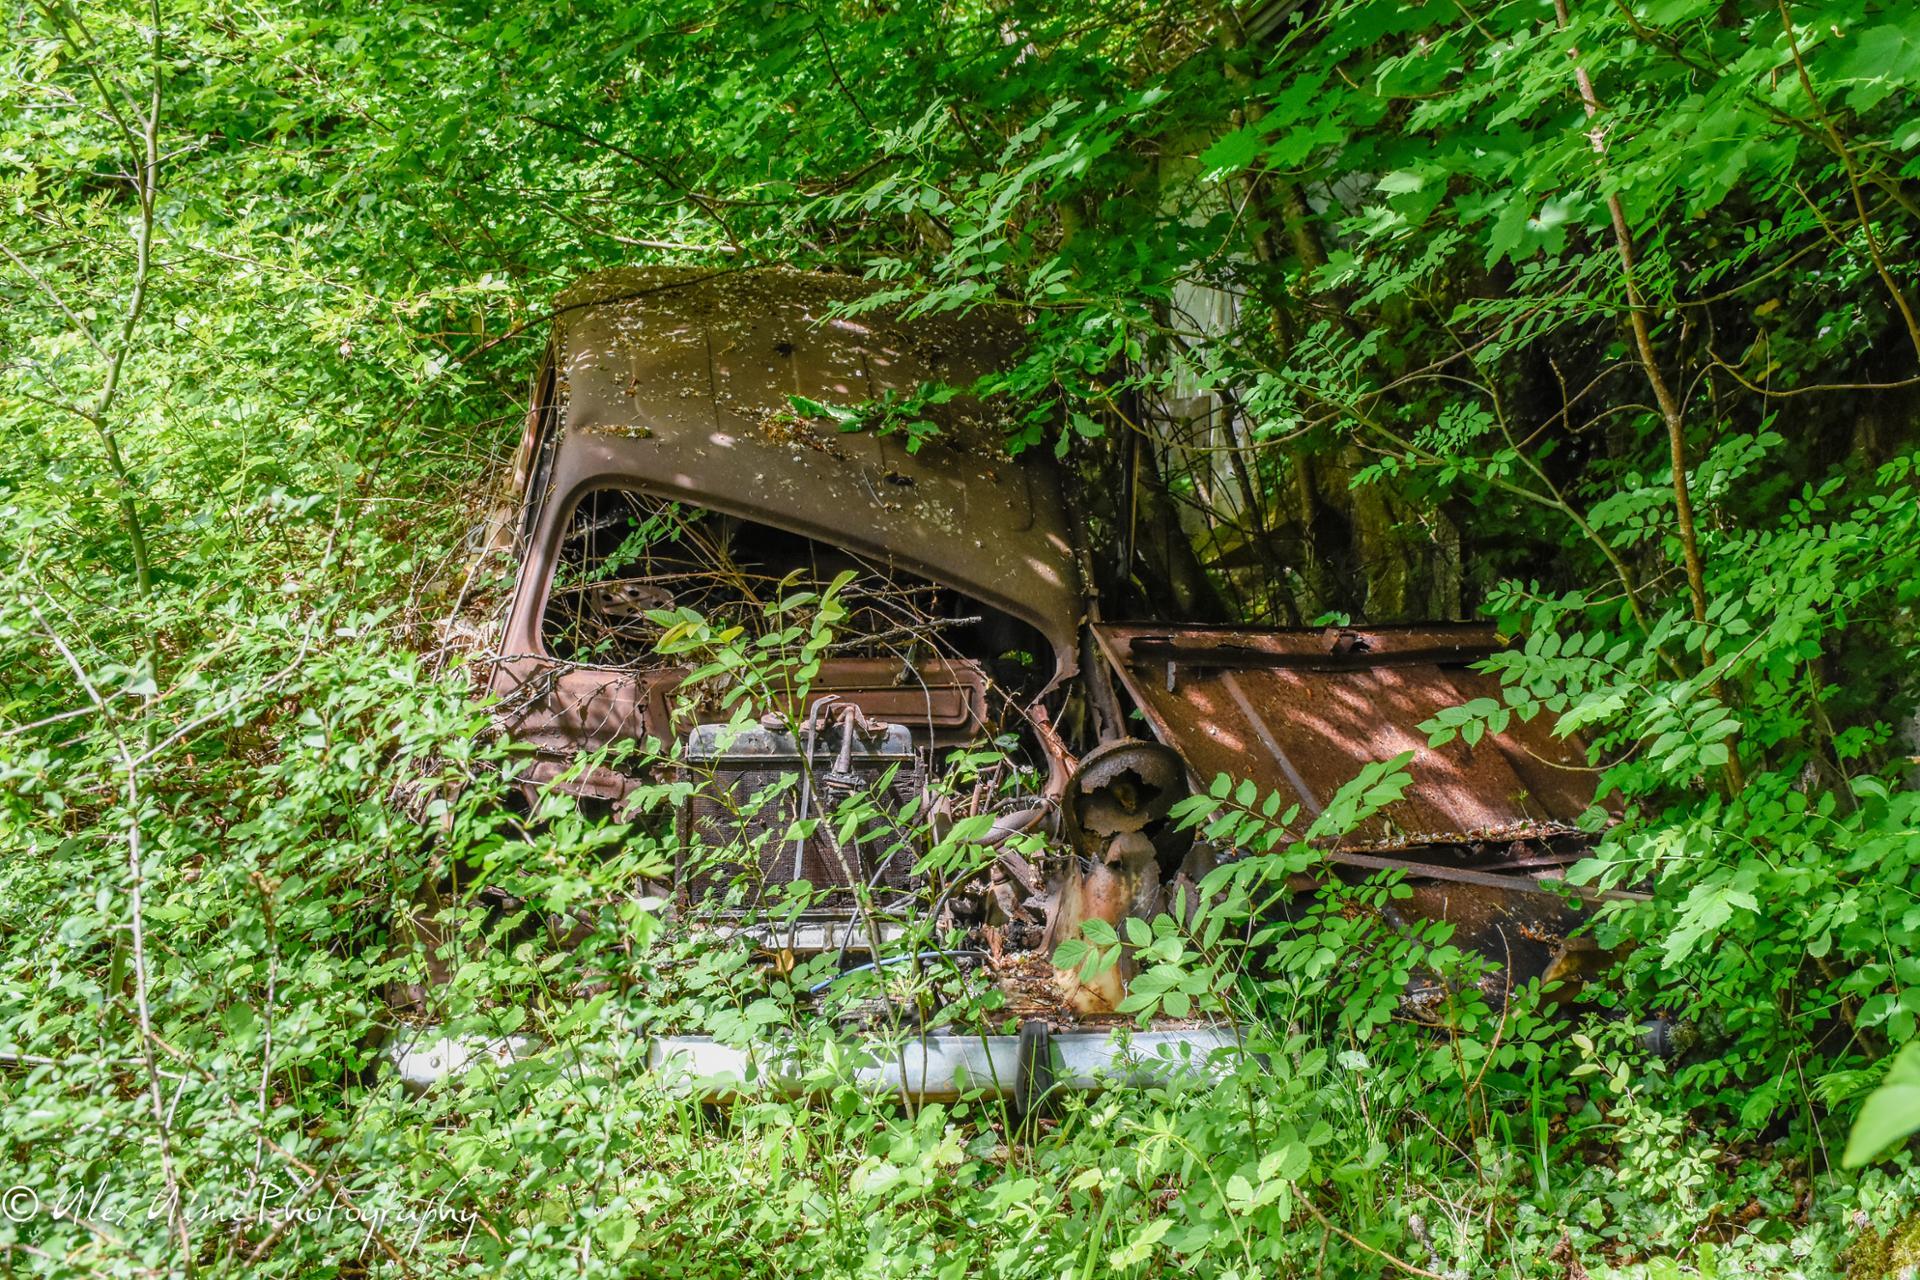 Renault 4L urbex